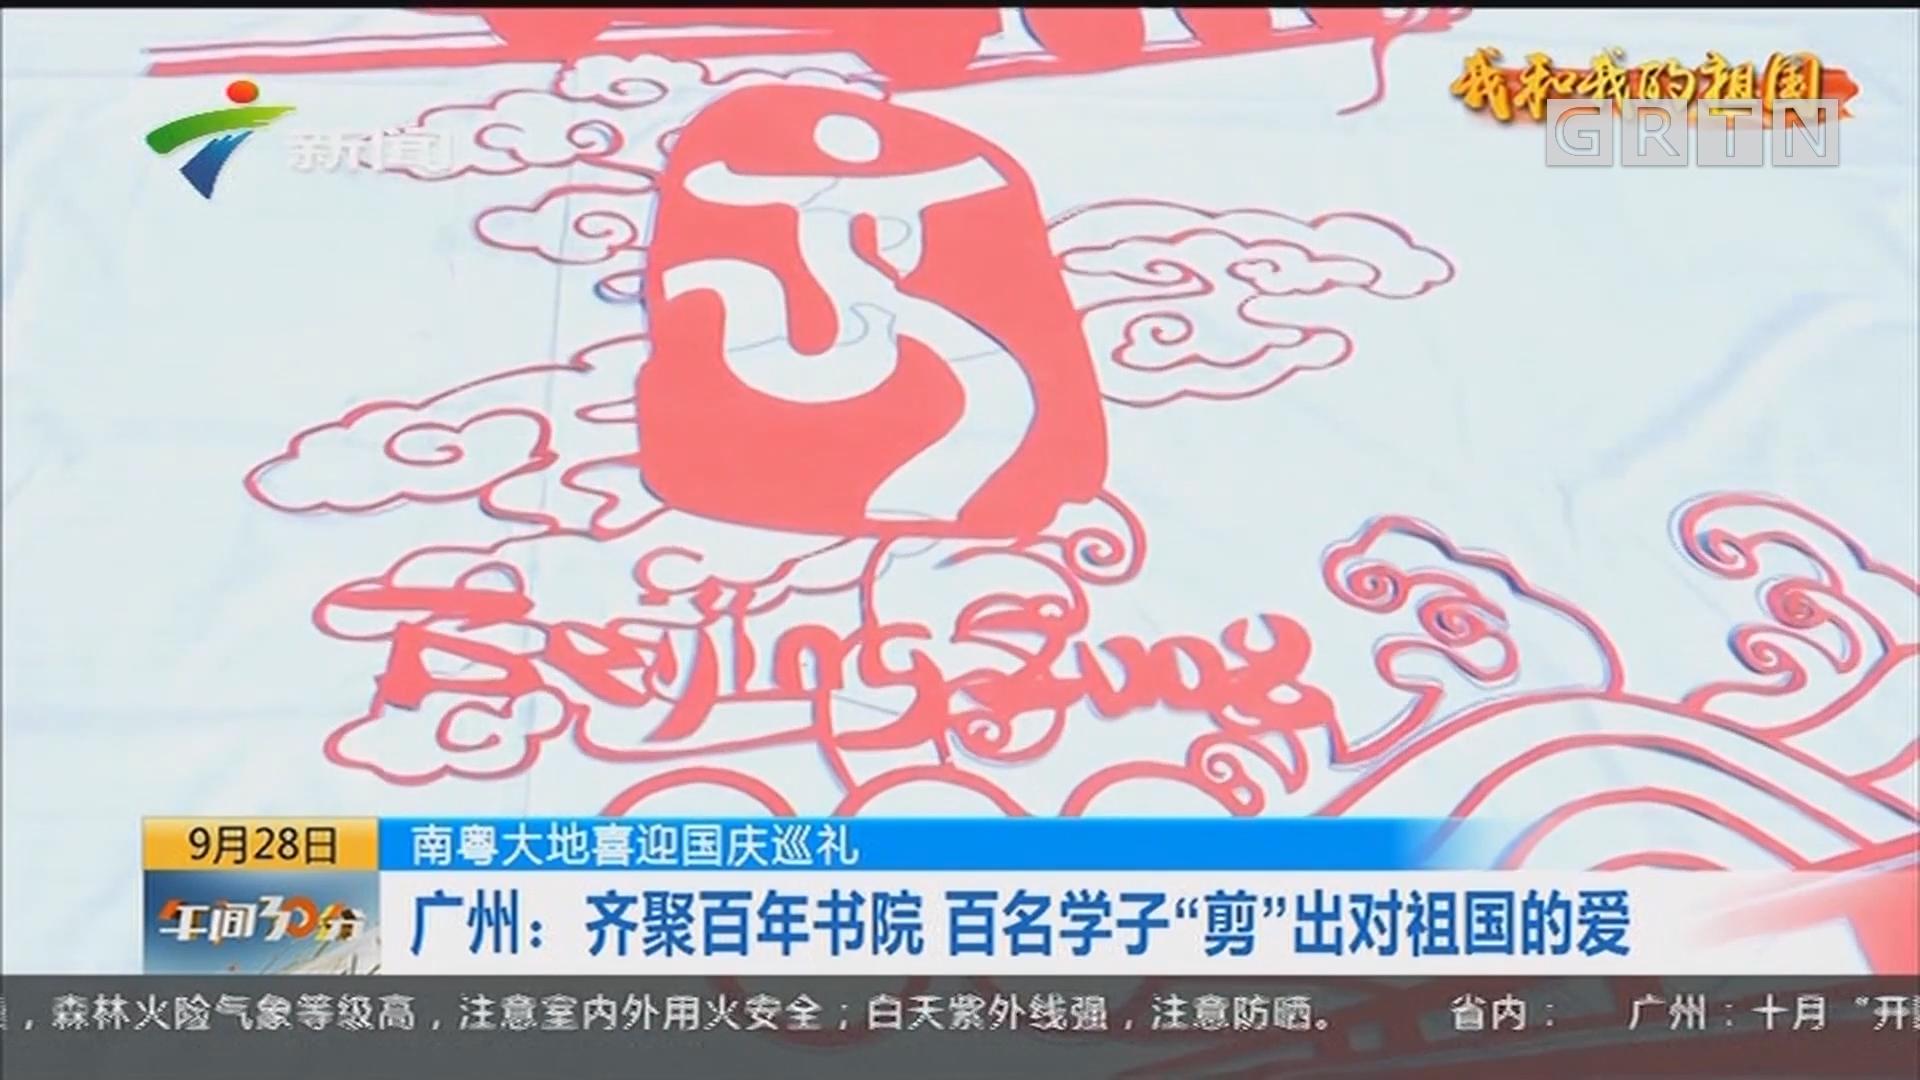 """南粤大地喜迎国庆巡礼 广州:齐聚百年书院 百名学子""""剪""""出对祖国的爱"""